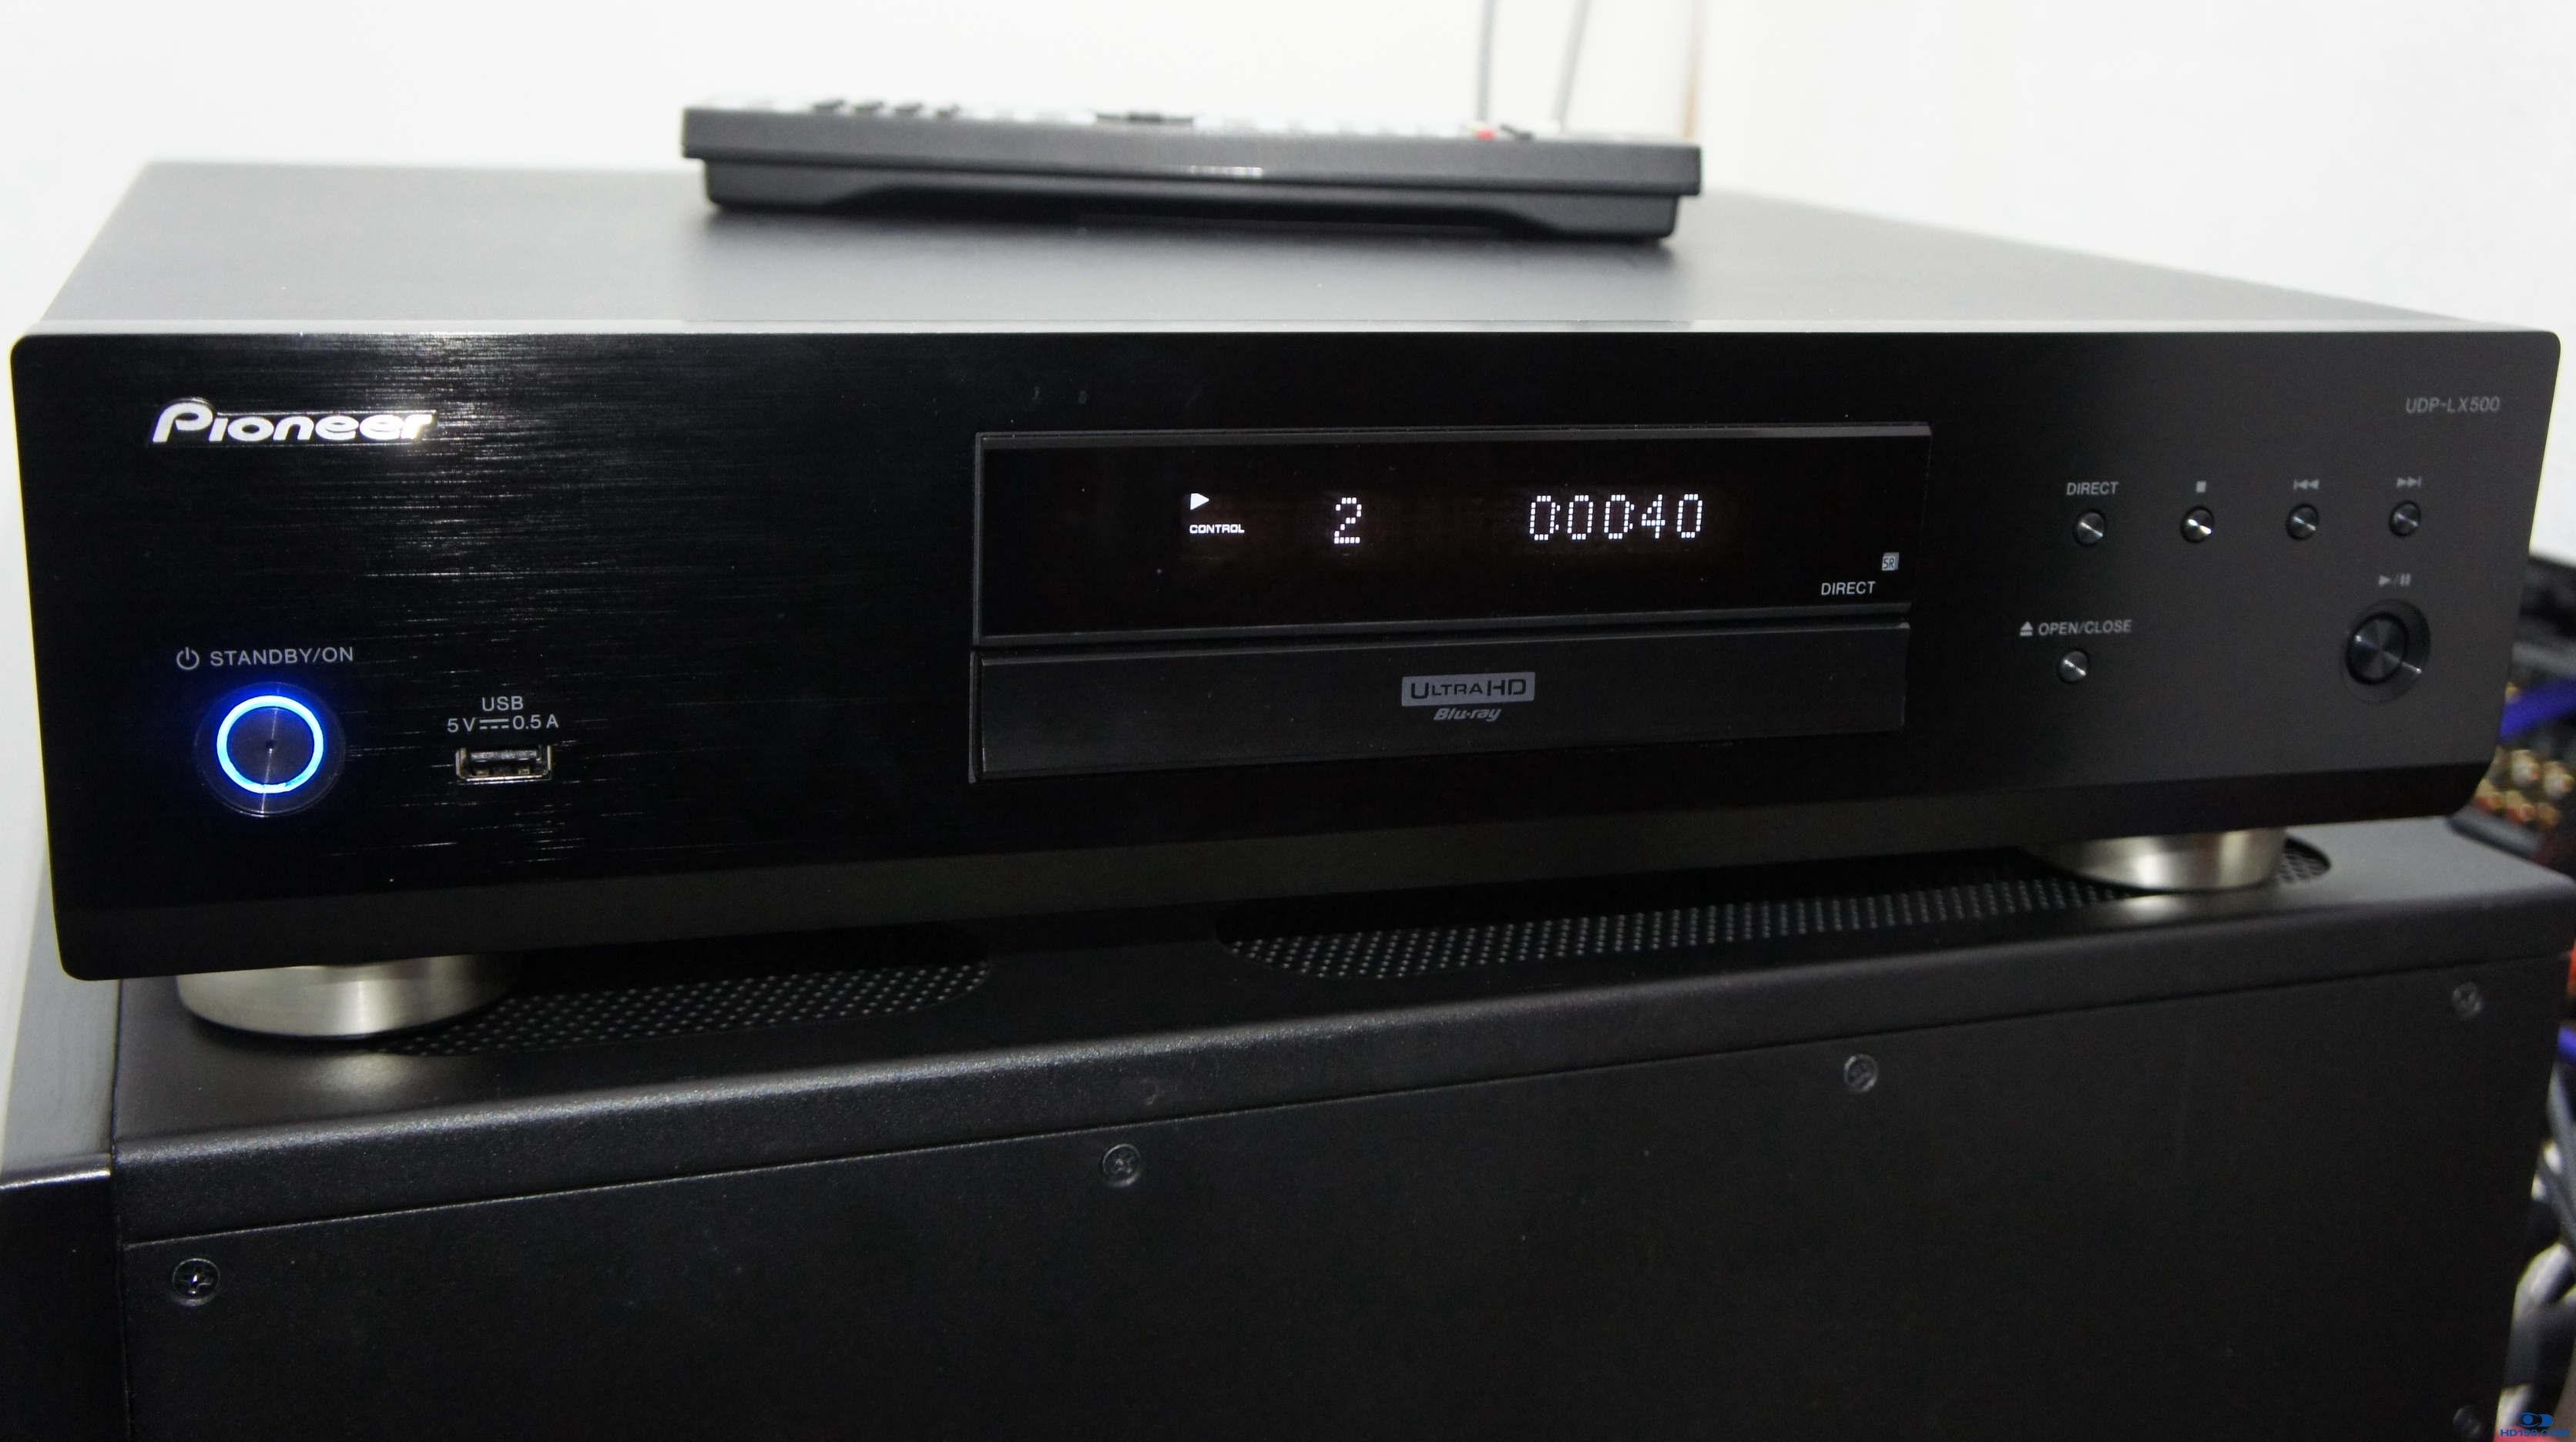 强强联手,造就非凡影音!—— 菲伯尔新品HDMI光纤携先锋UDP-LX500评测